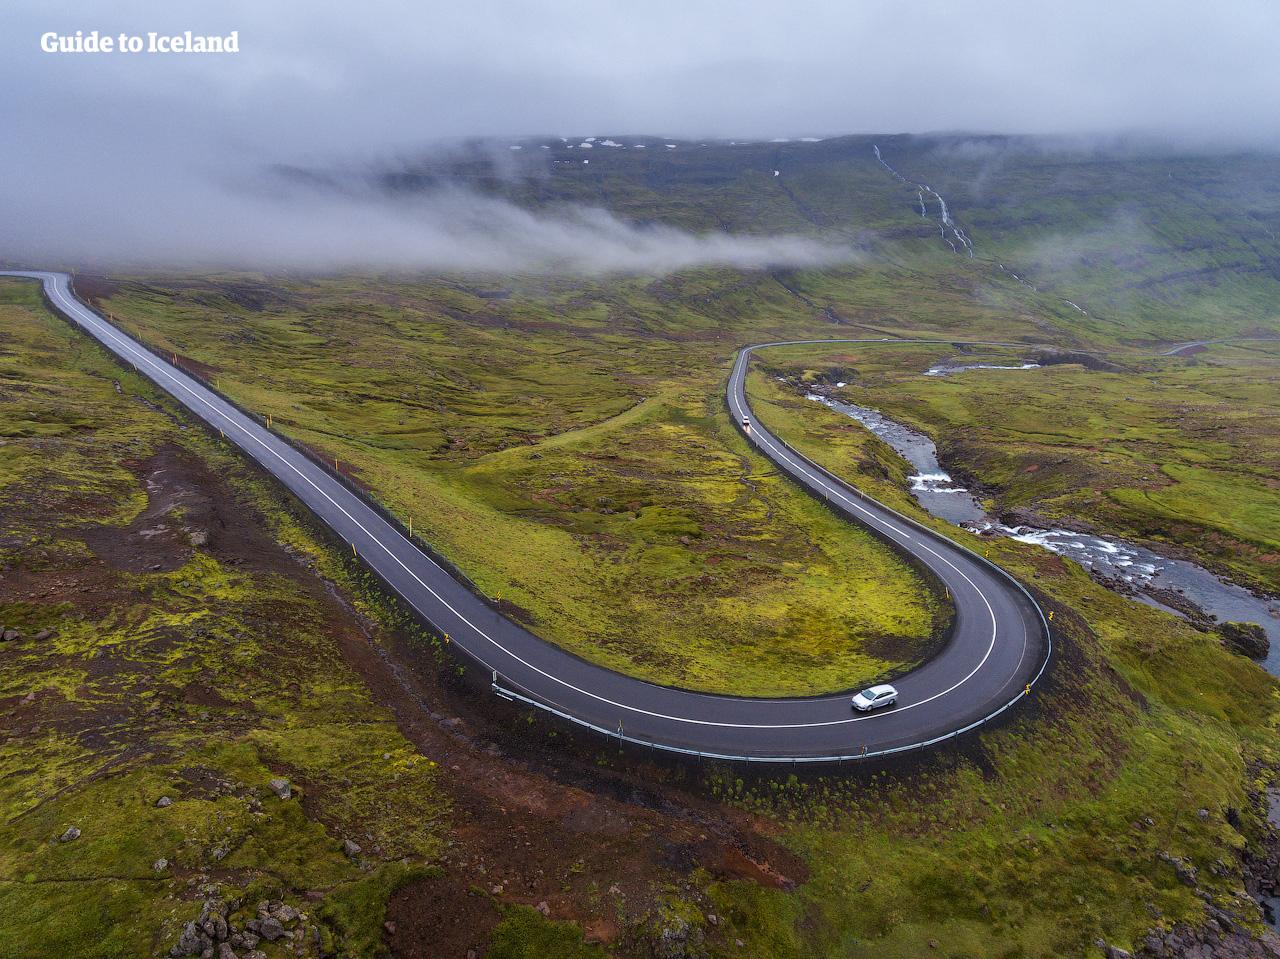 セルフドライブツアーなら自分のペースでアイスランド旅行を楽しめるという大きな魅力がある